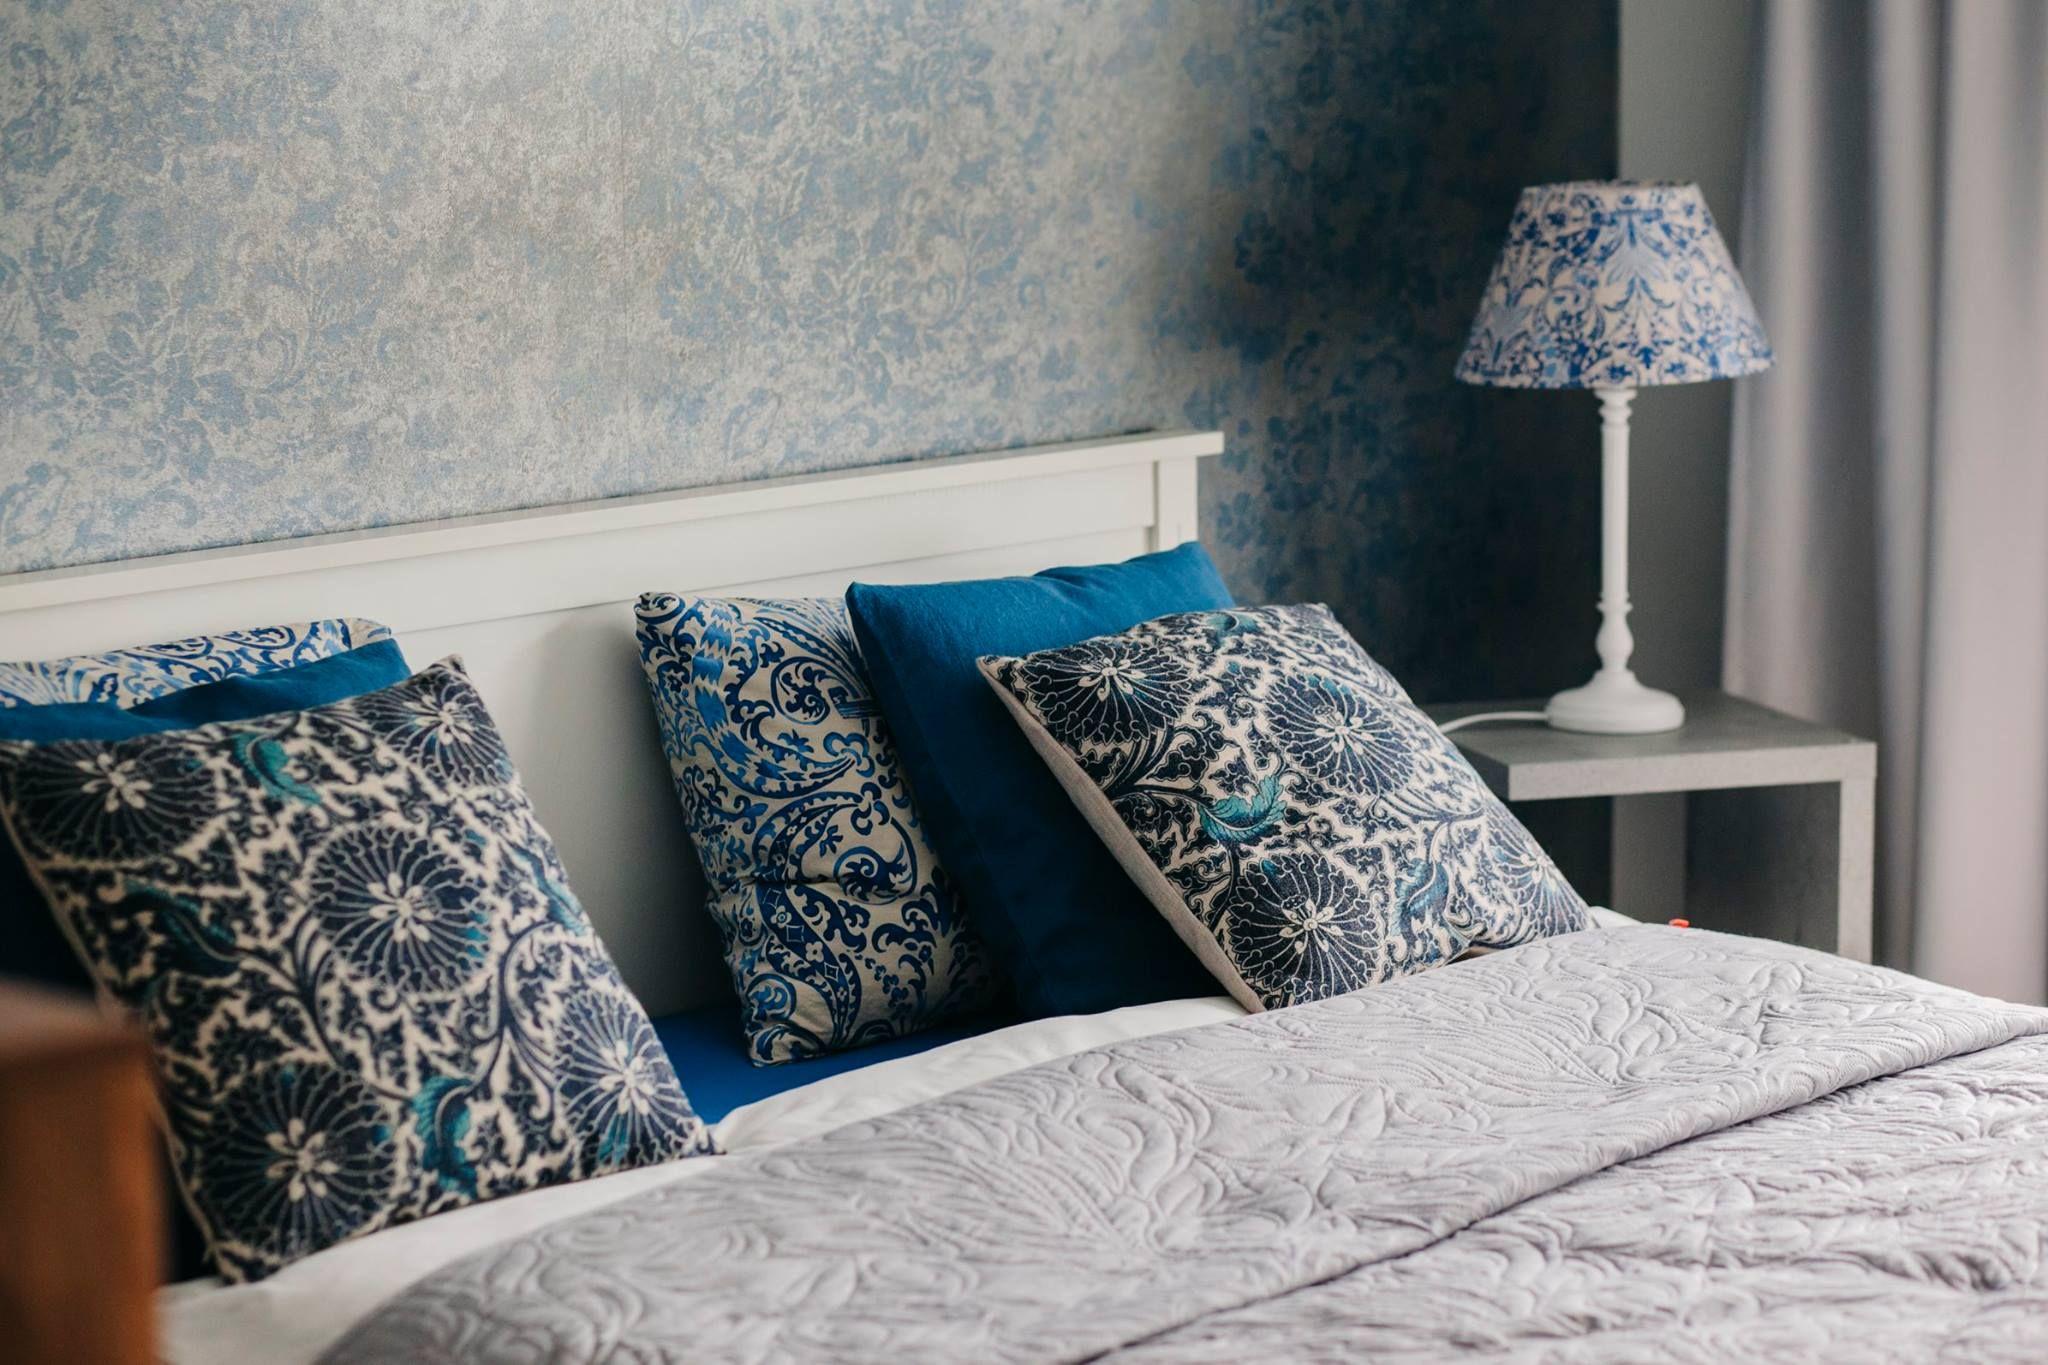 Pin by Dominika Kowalik on sypialnia Bed pillows, Home